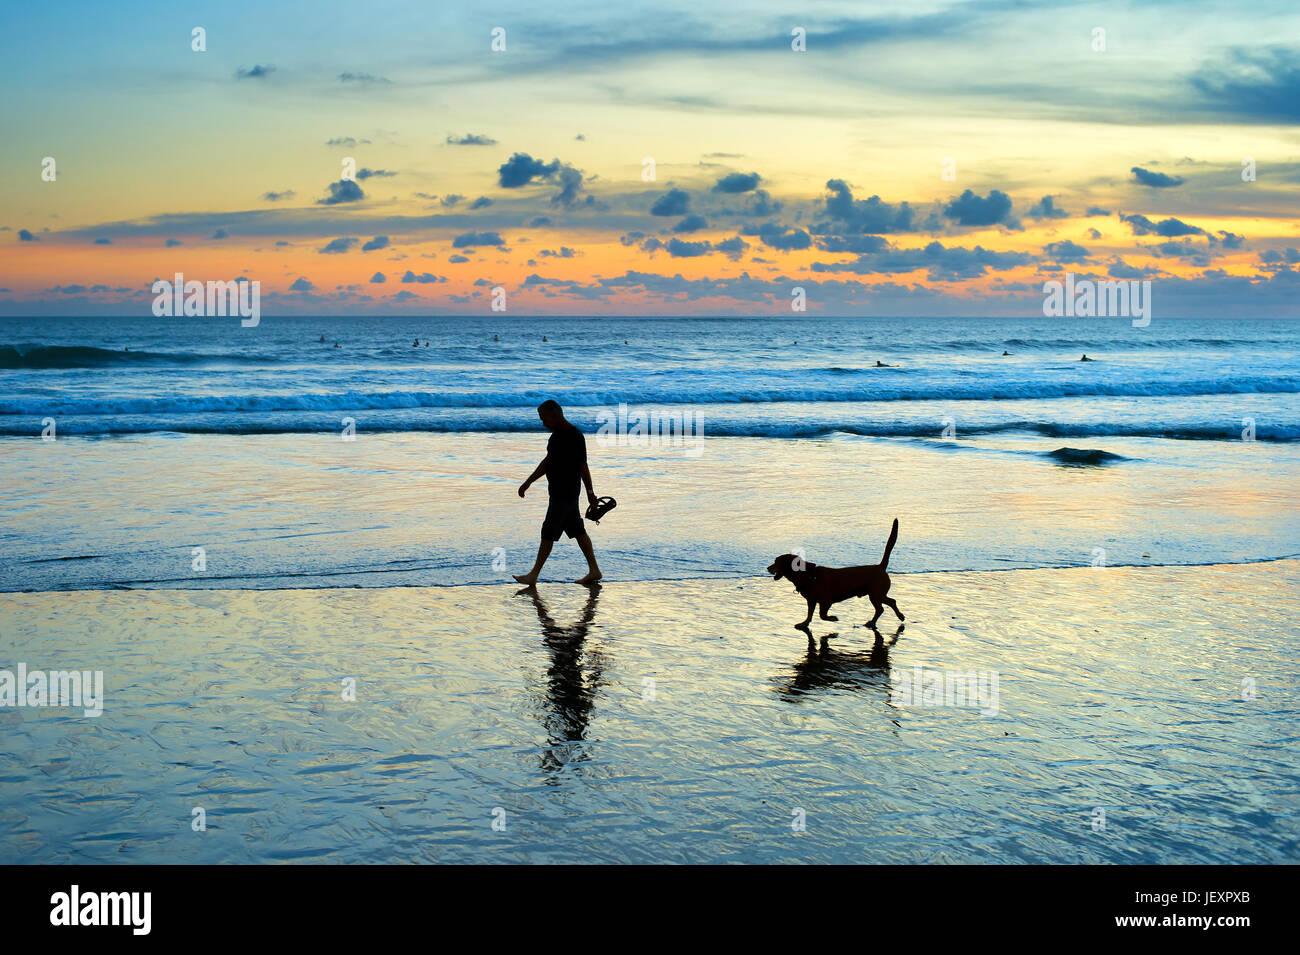 Silueta de un hombre y el perro caminando por la playa al atardecer. La isla de Bali, Indonesia Imagen De Stock